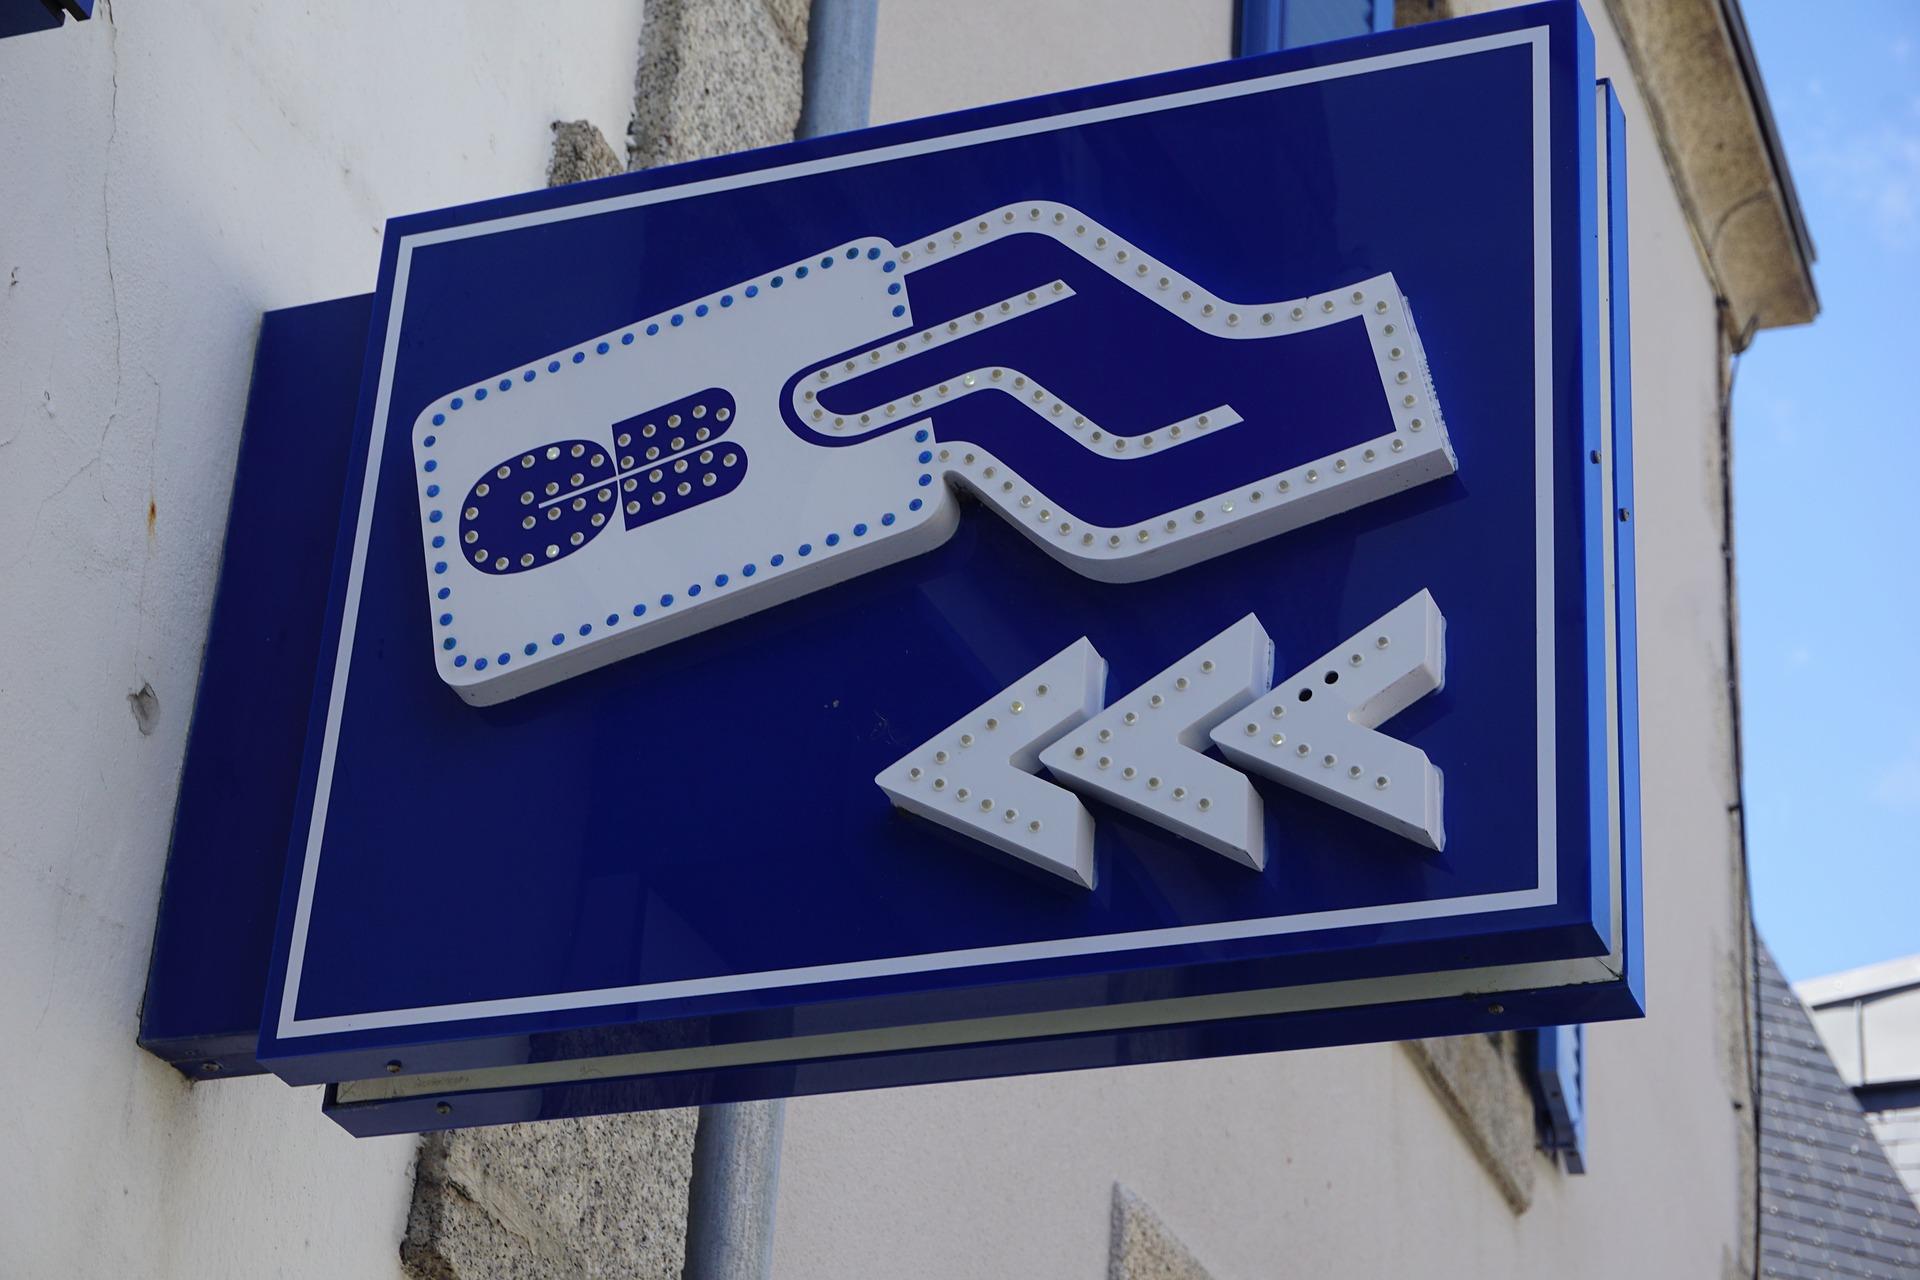 La carte Regliss de la banque Postale